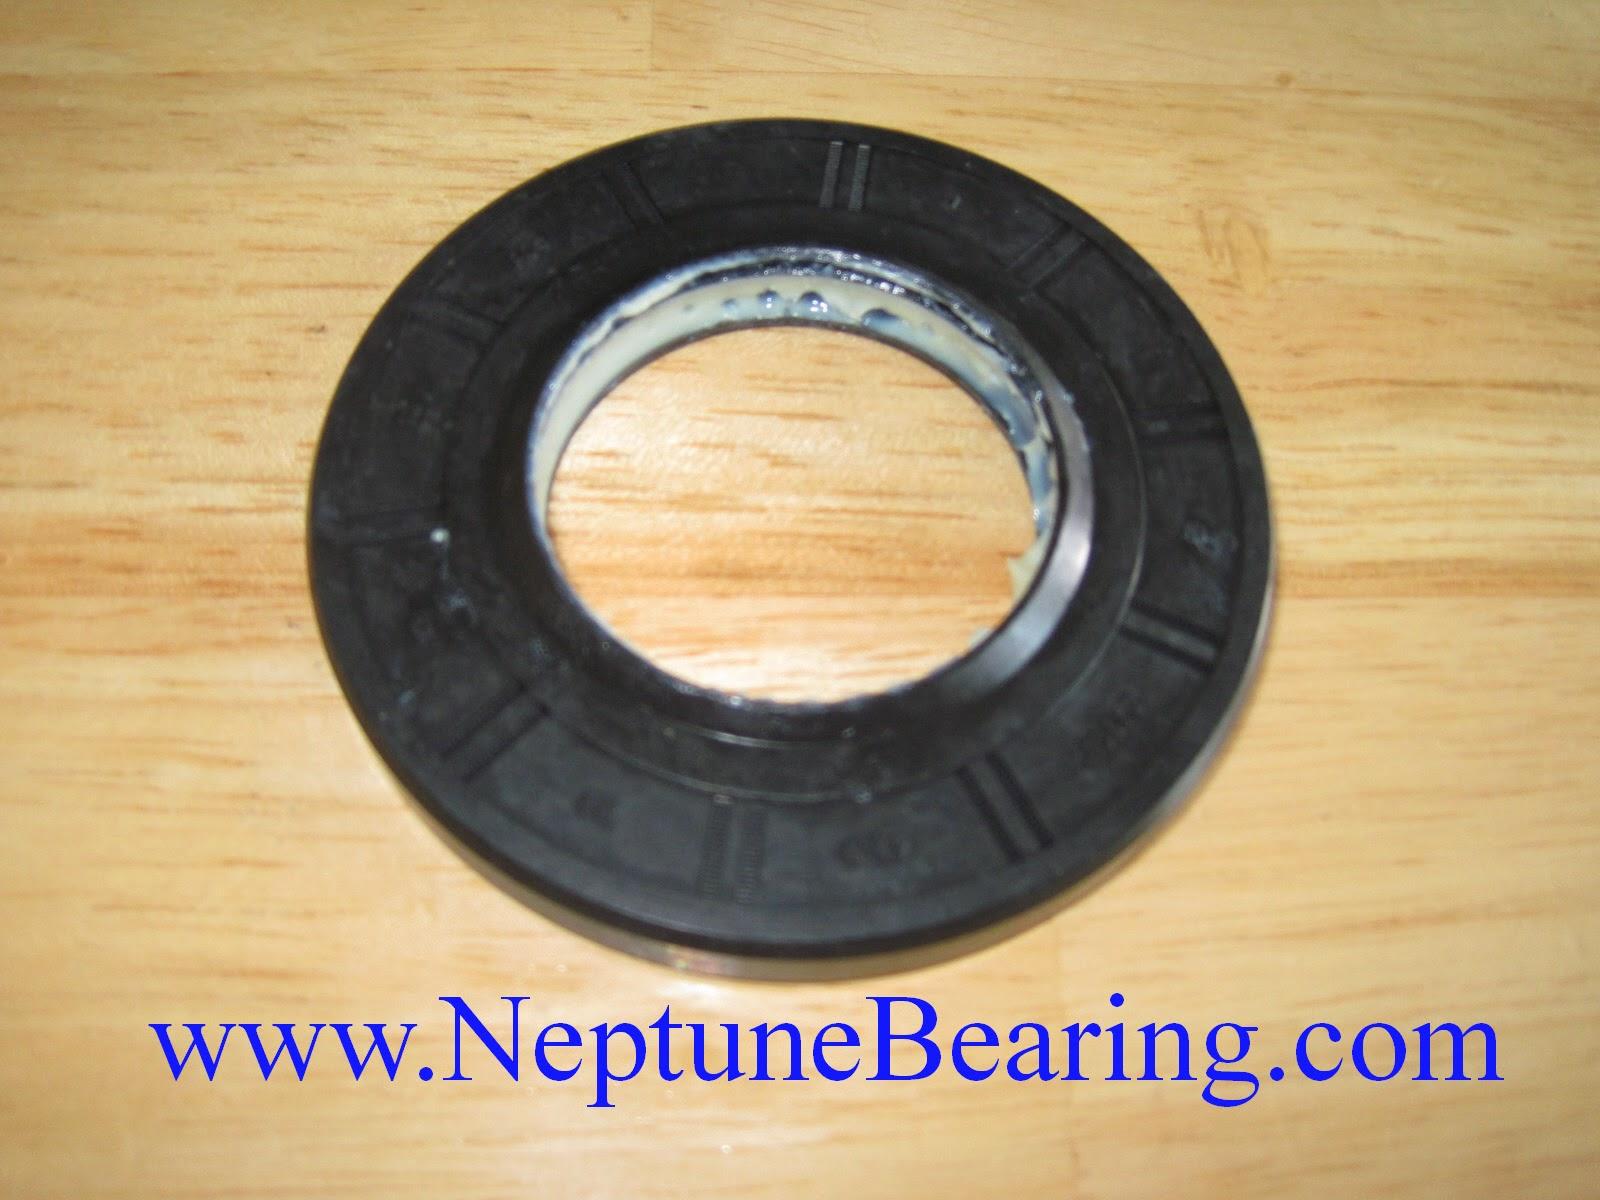 Maytag Neptune Mah9700 Bearing And Seal Kit Maytag